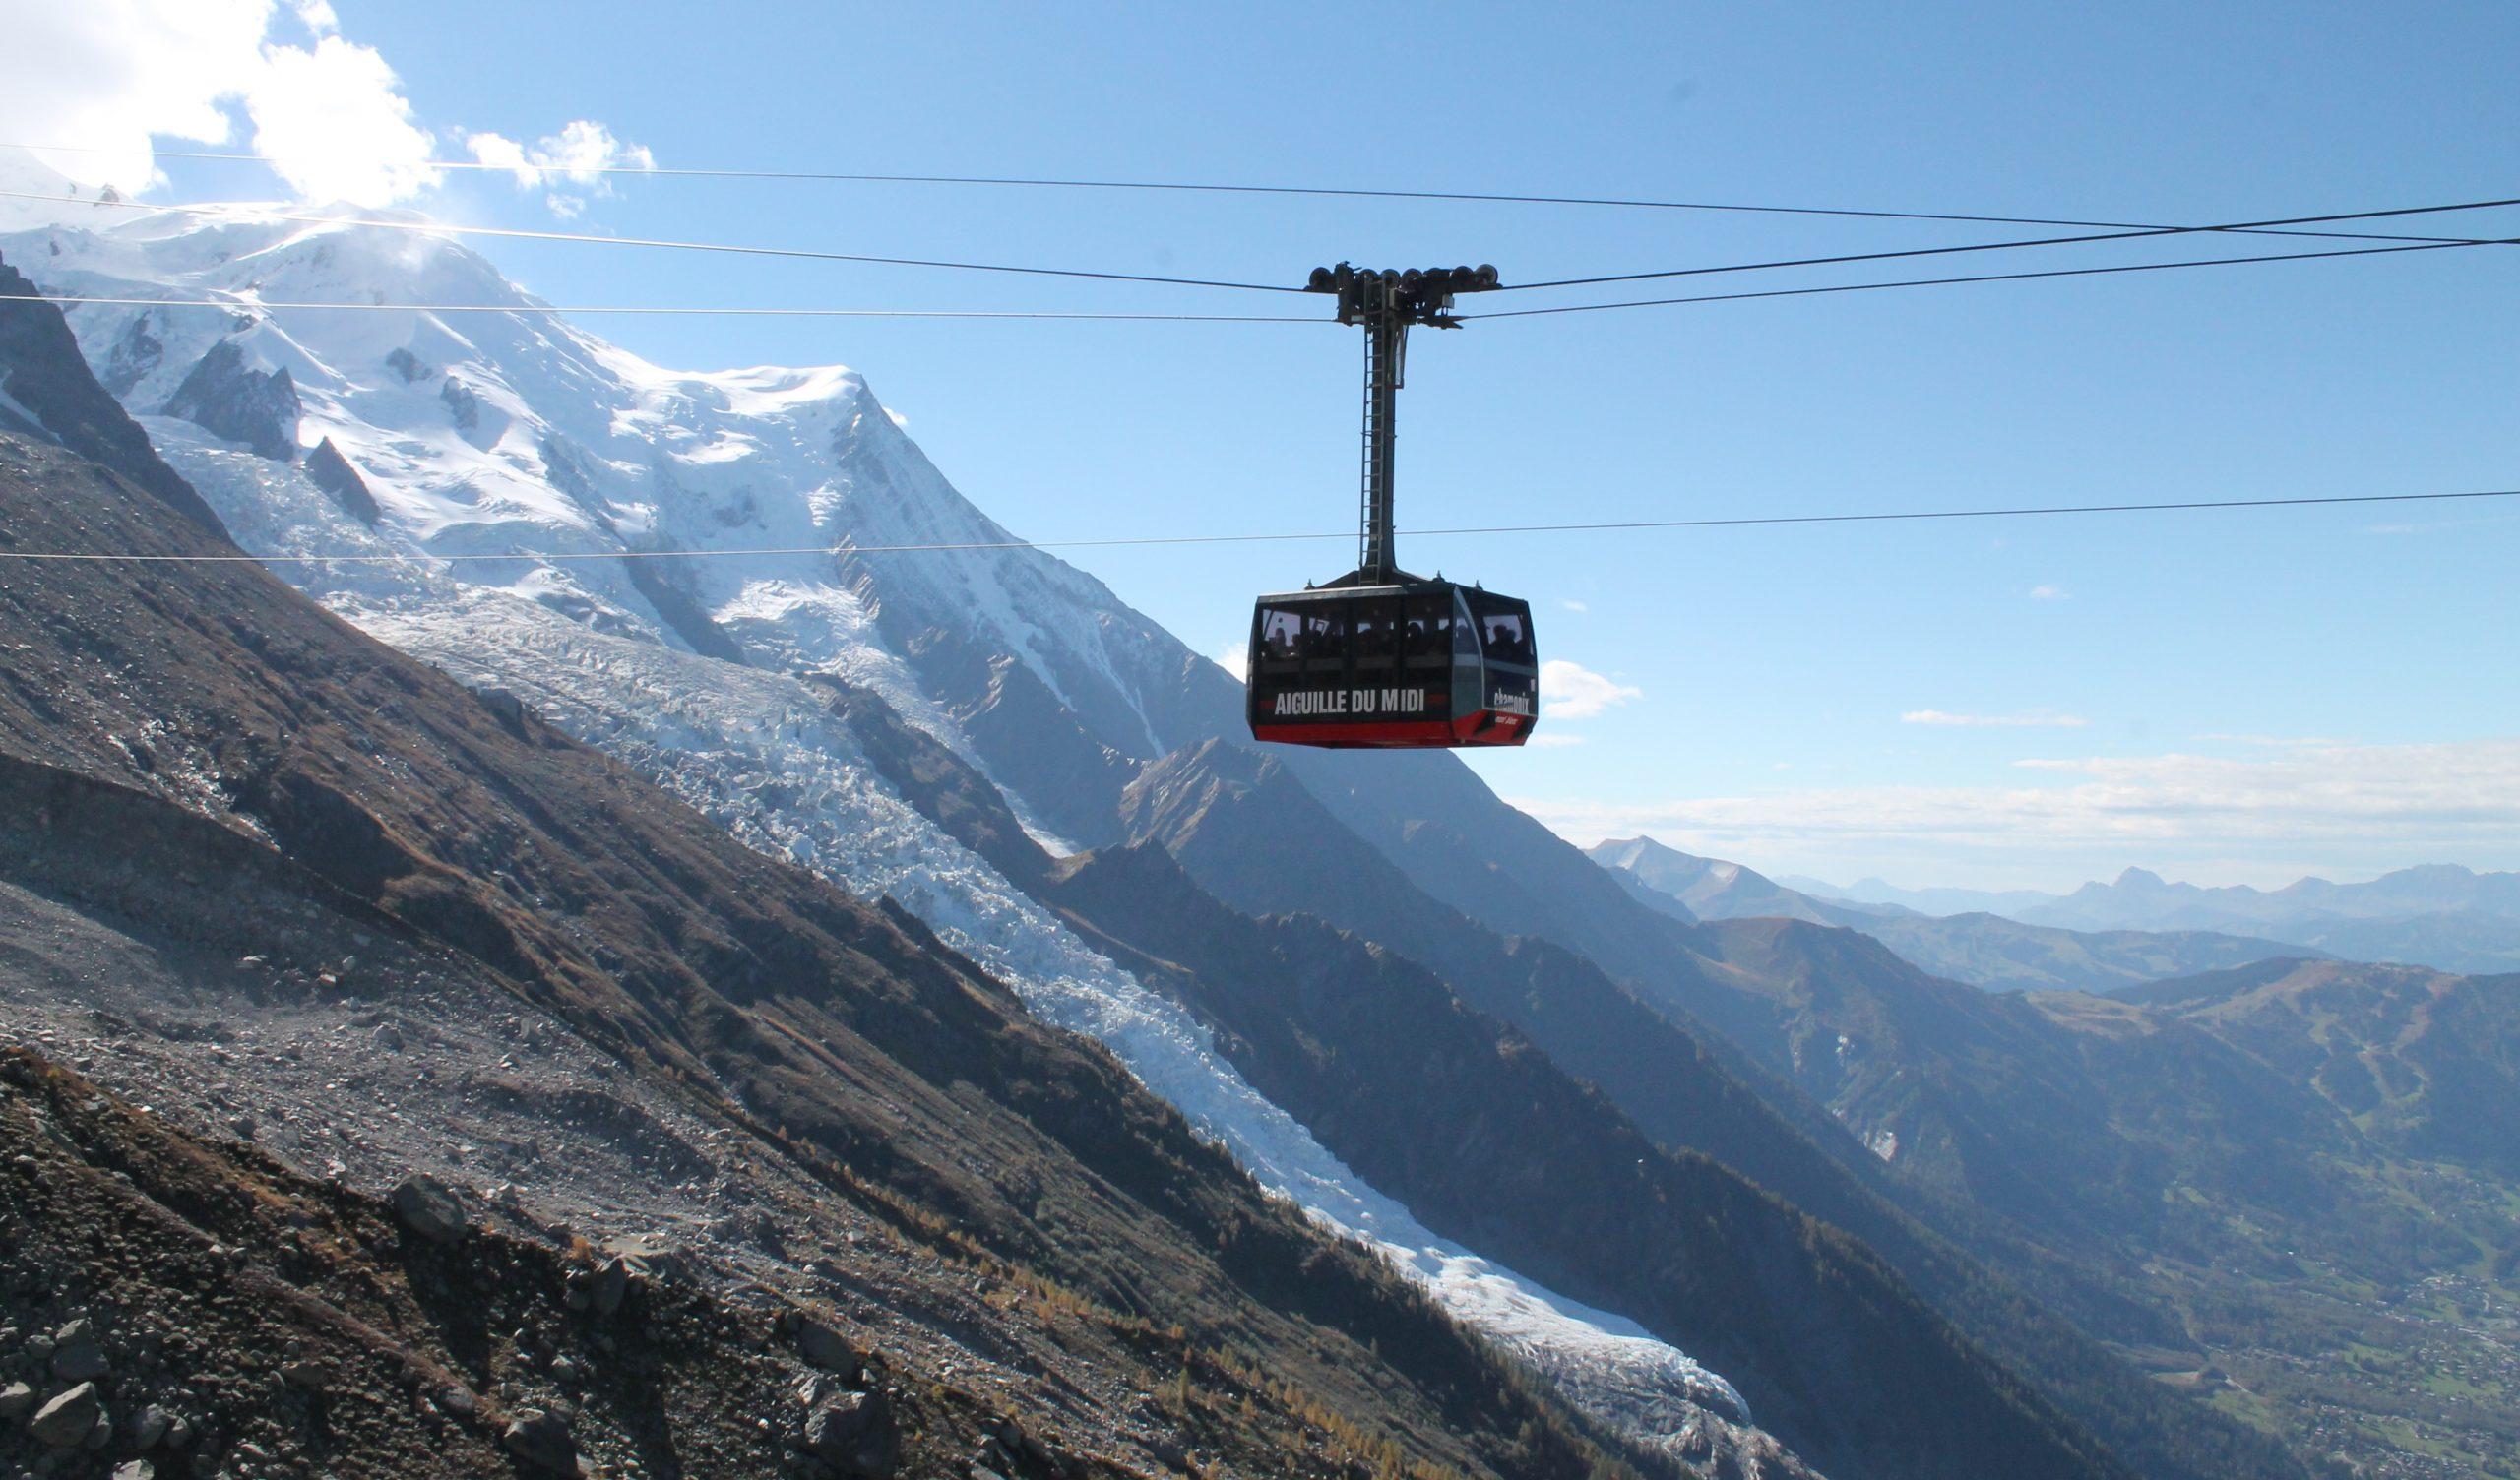 Aiguille du Midi, Plan de'l Aiguille and hiking back to Chamonix, France